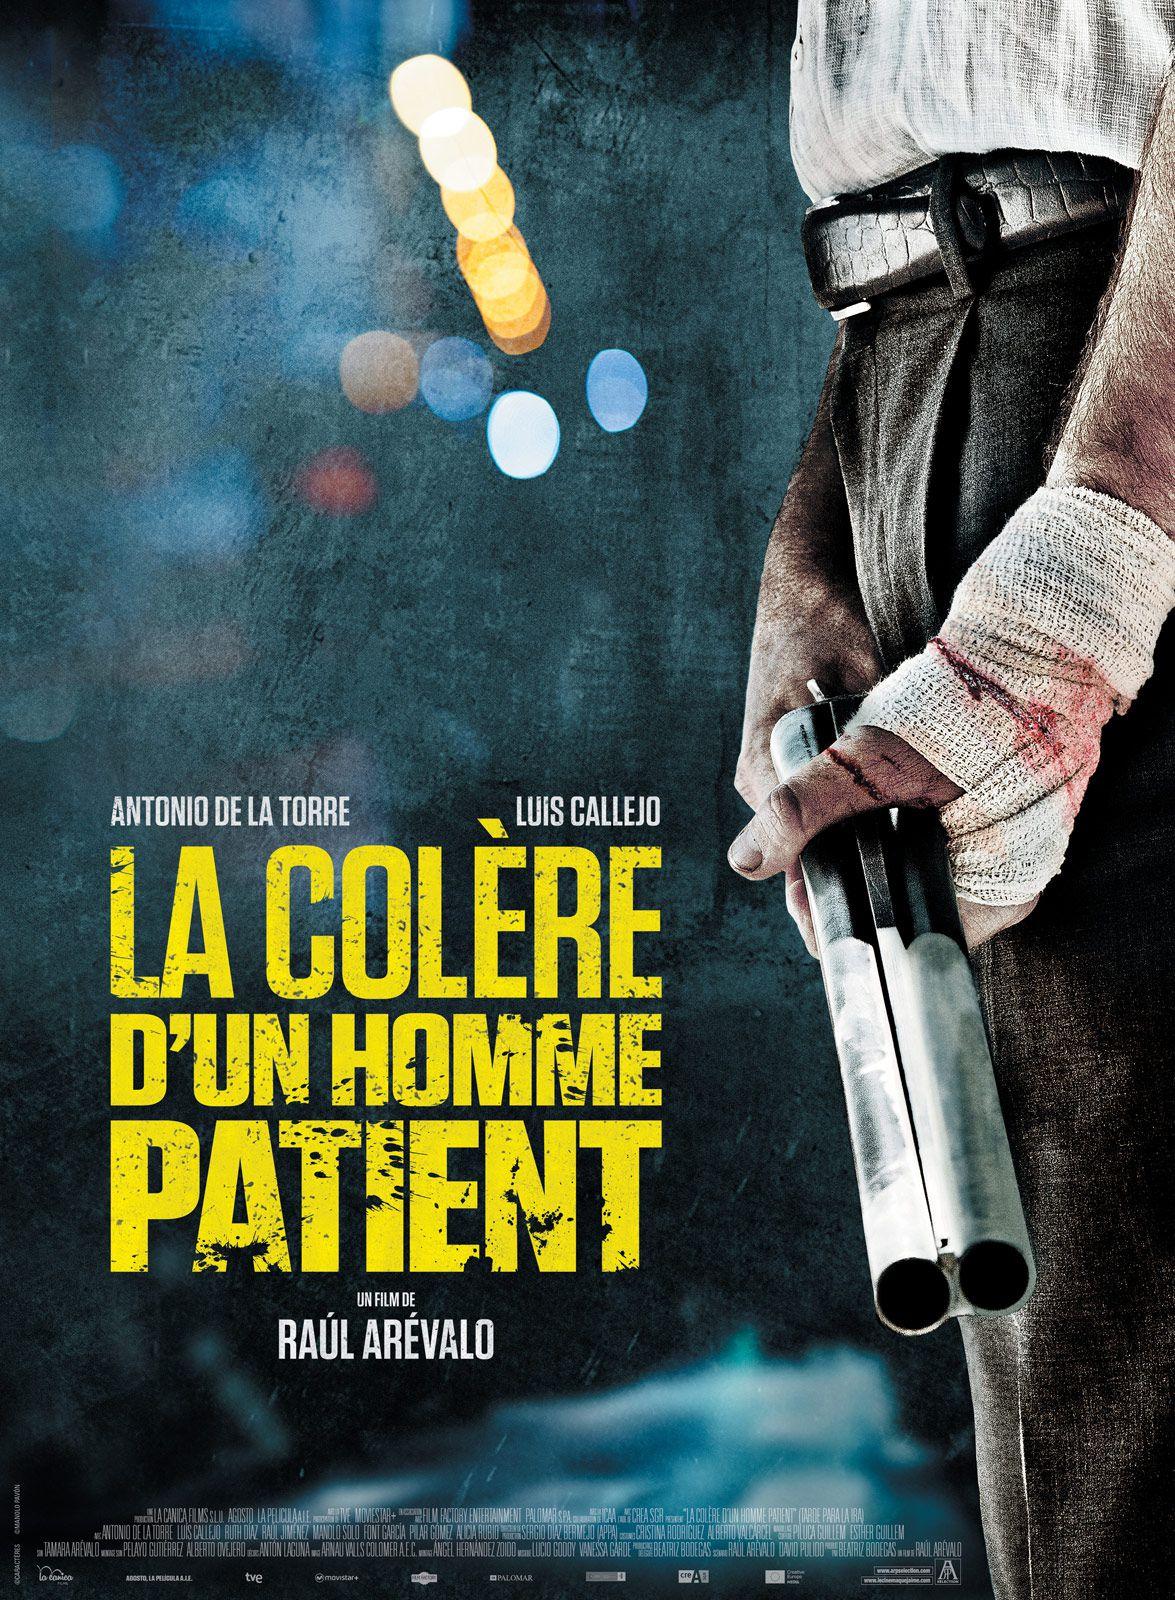 La Colère d'un homme patient - Film (2016)